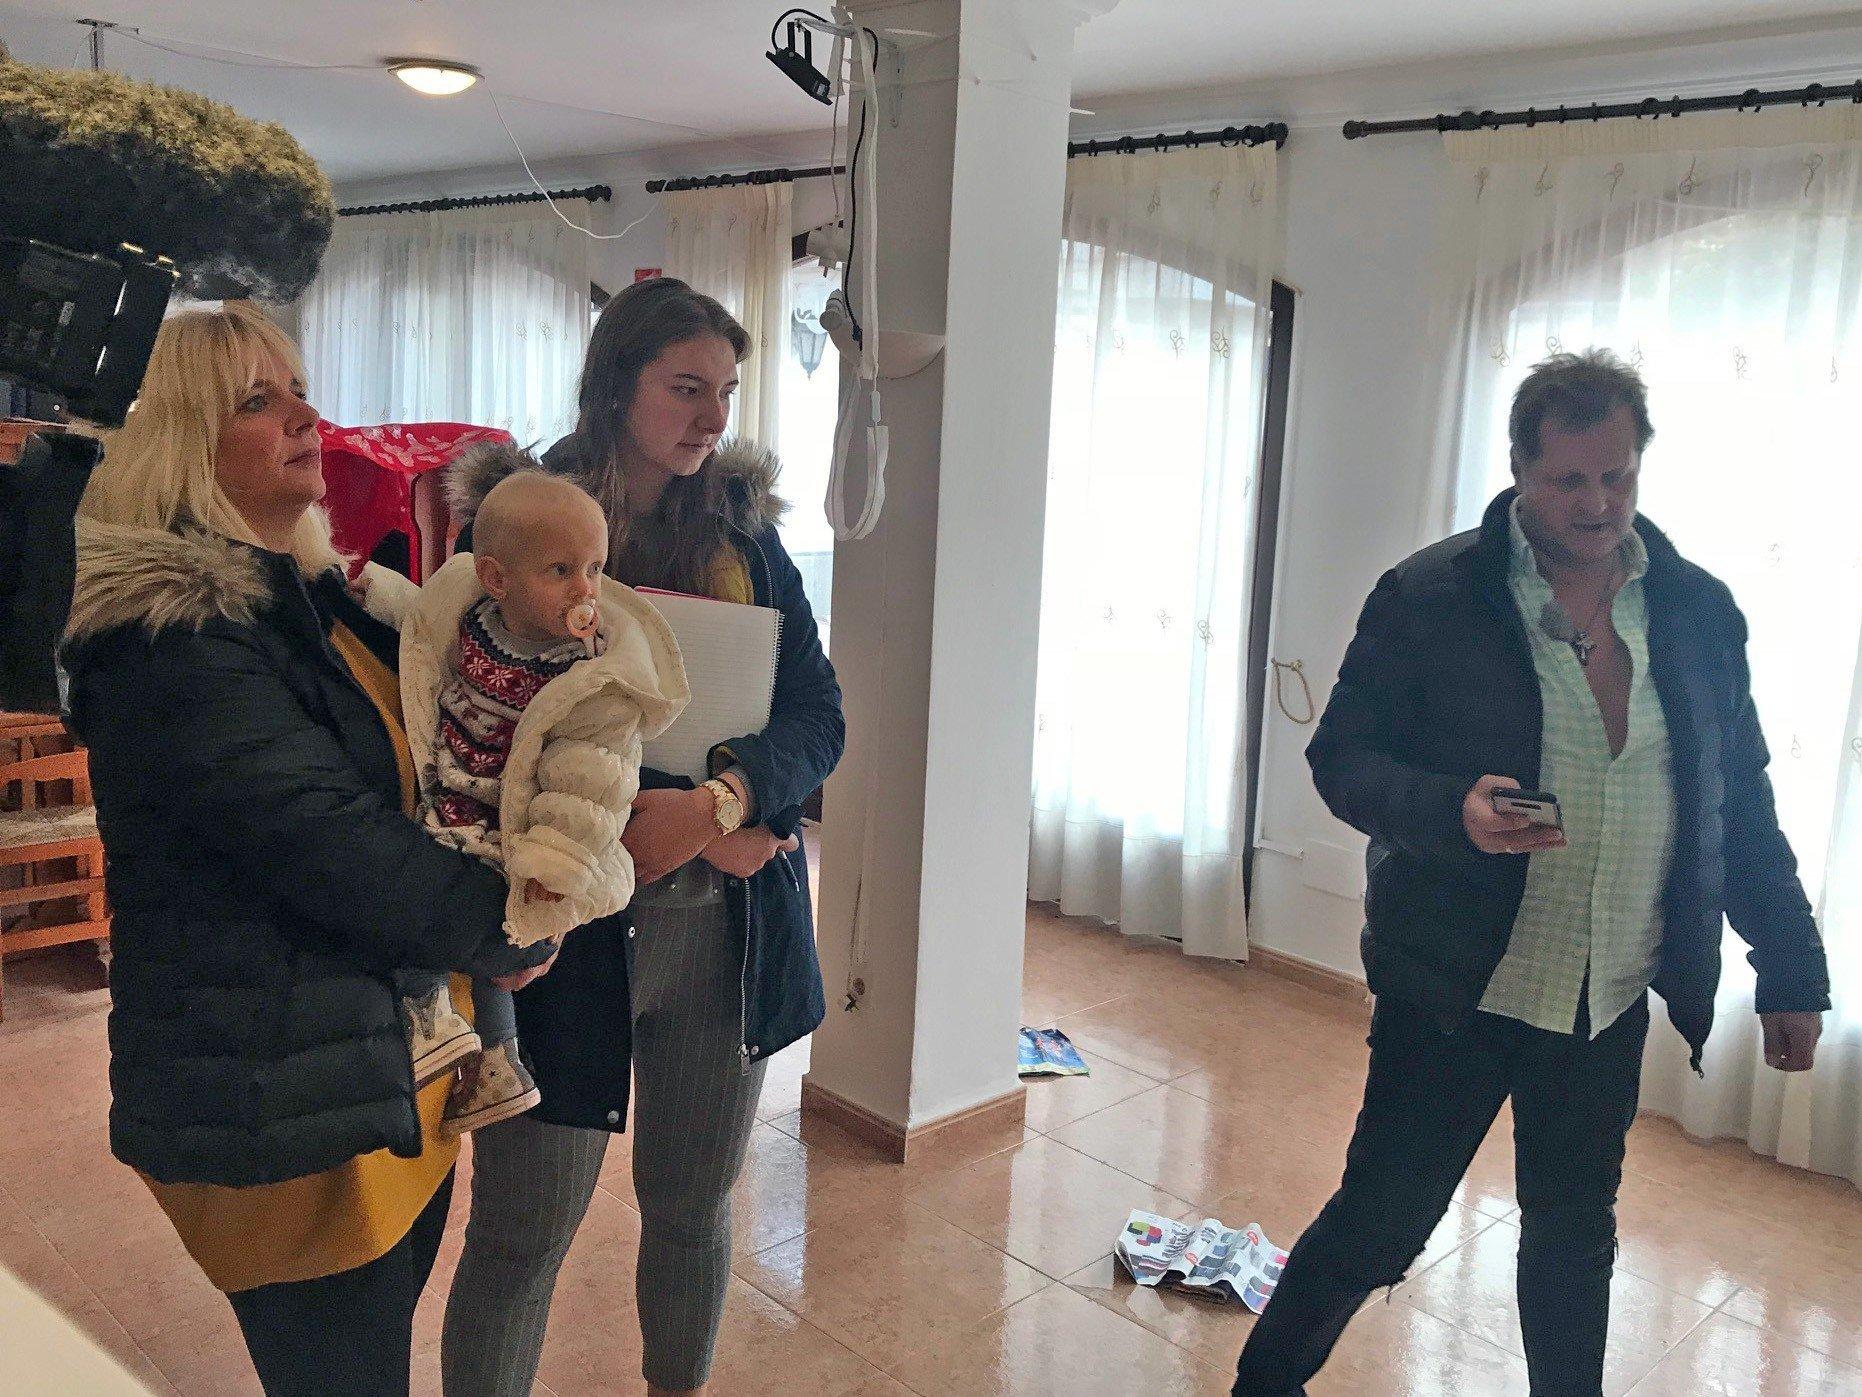 Malle-Jens zahlt 4000 Euro für ein Gemälde – als seine Frau es sieht, muss sie weinen